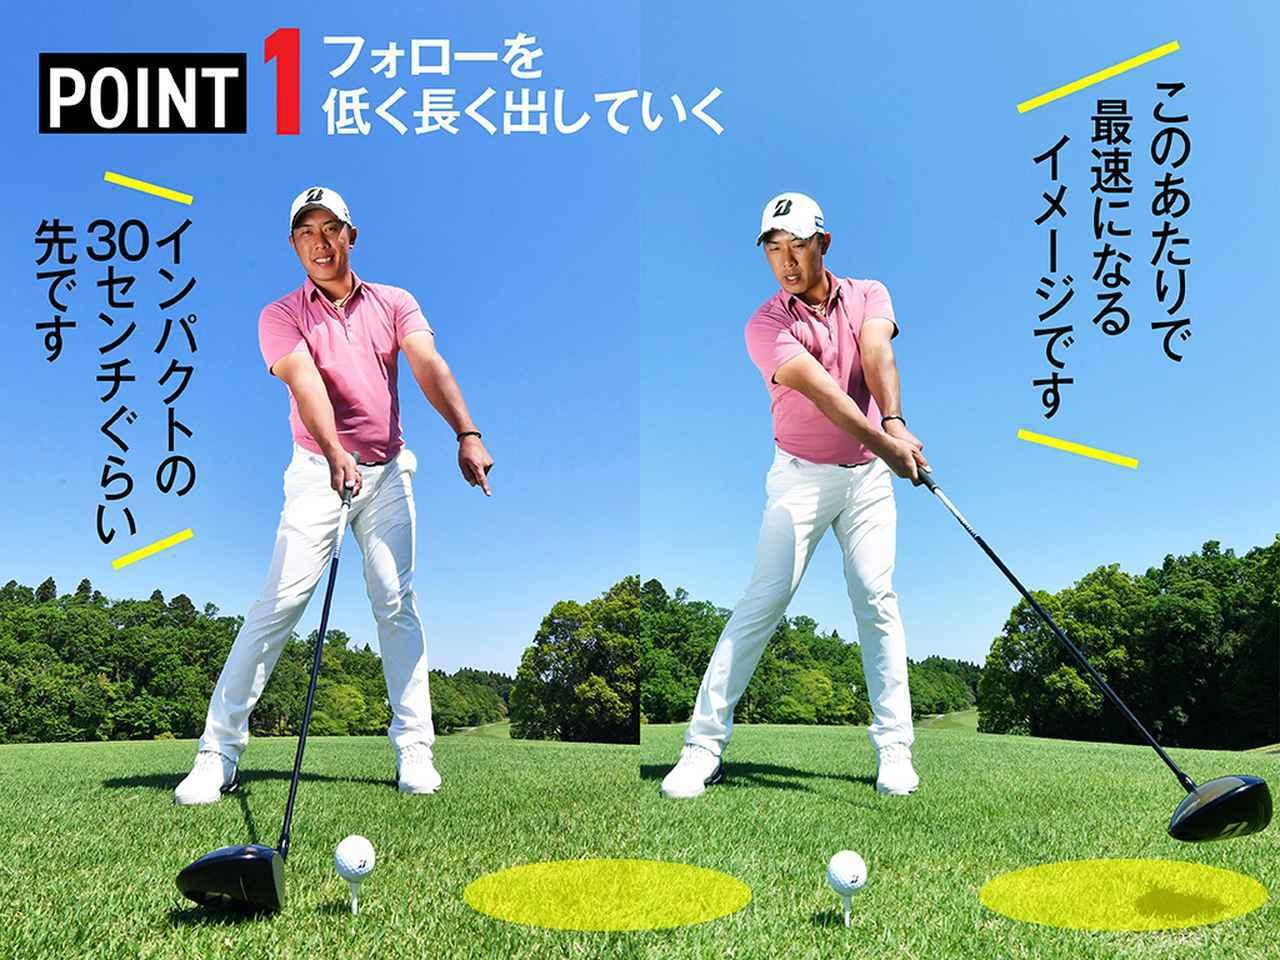 画像1: インパクトの先で速く振る3つのポイント